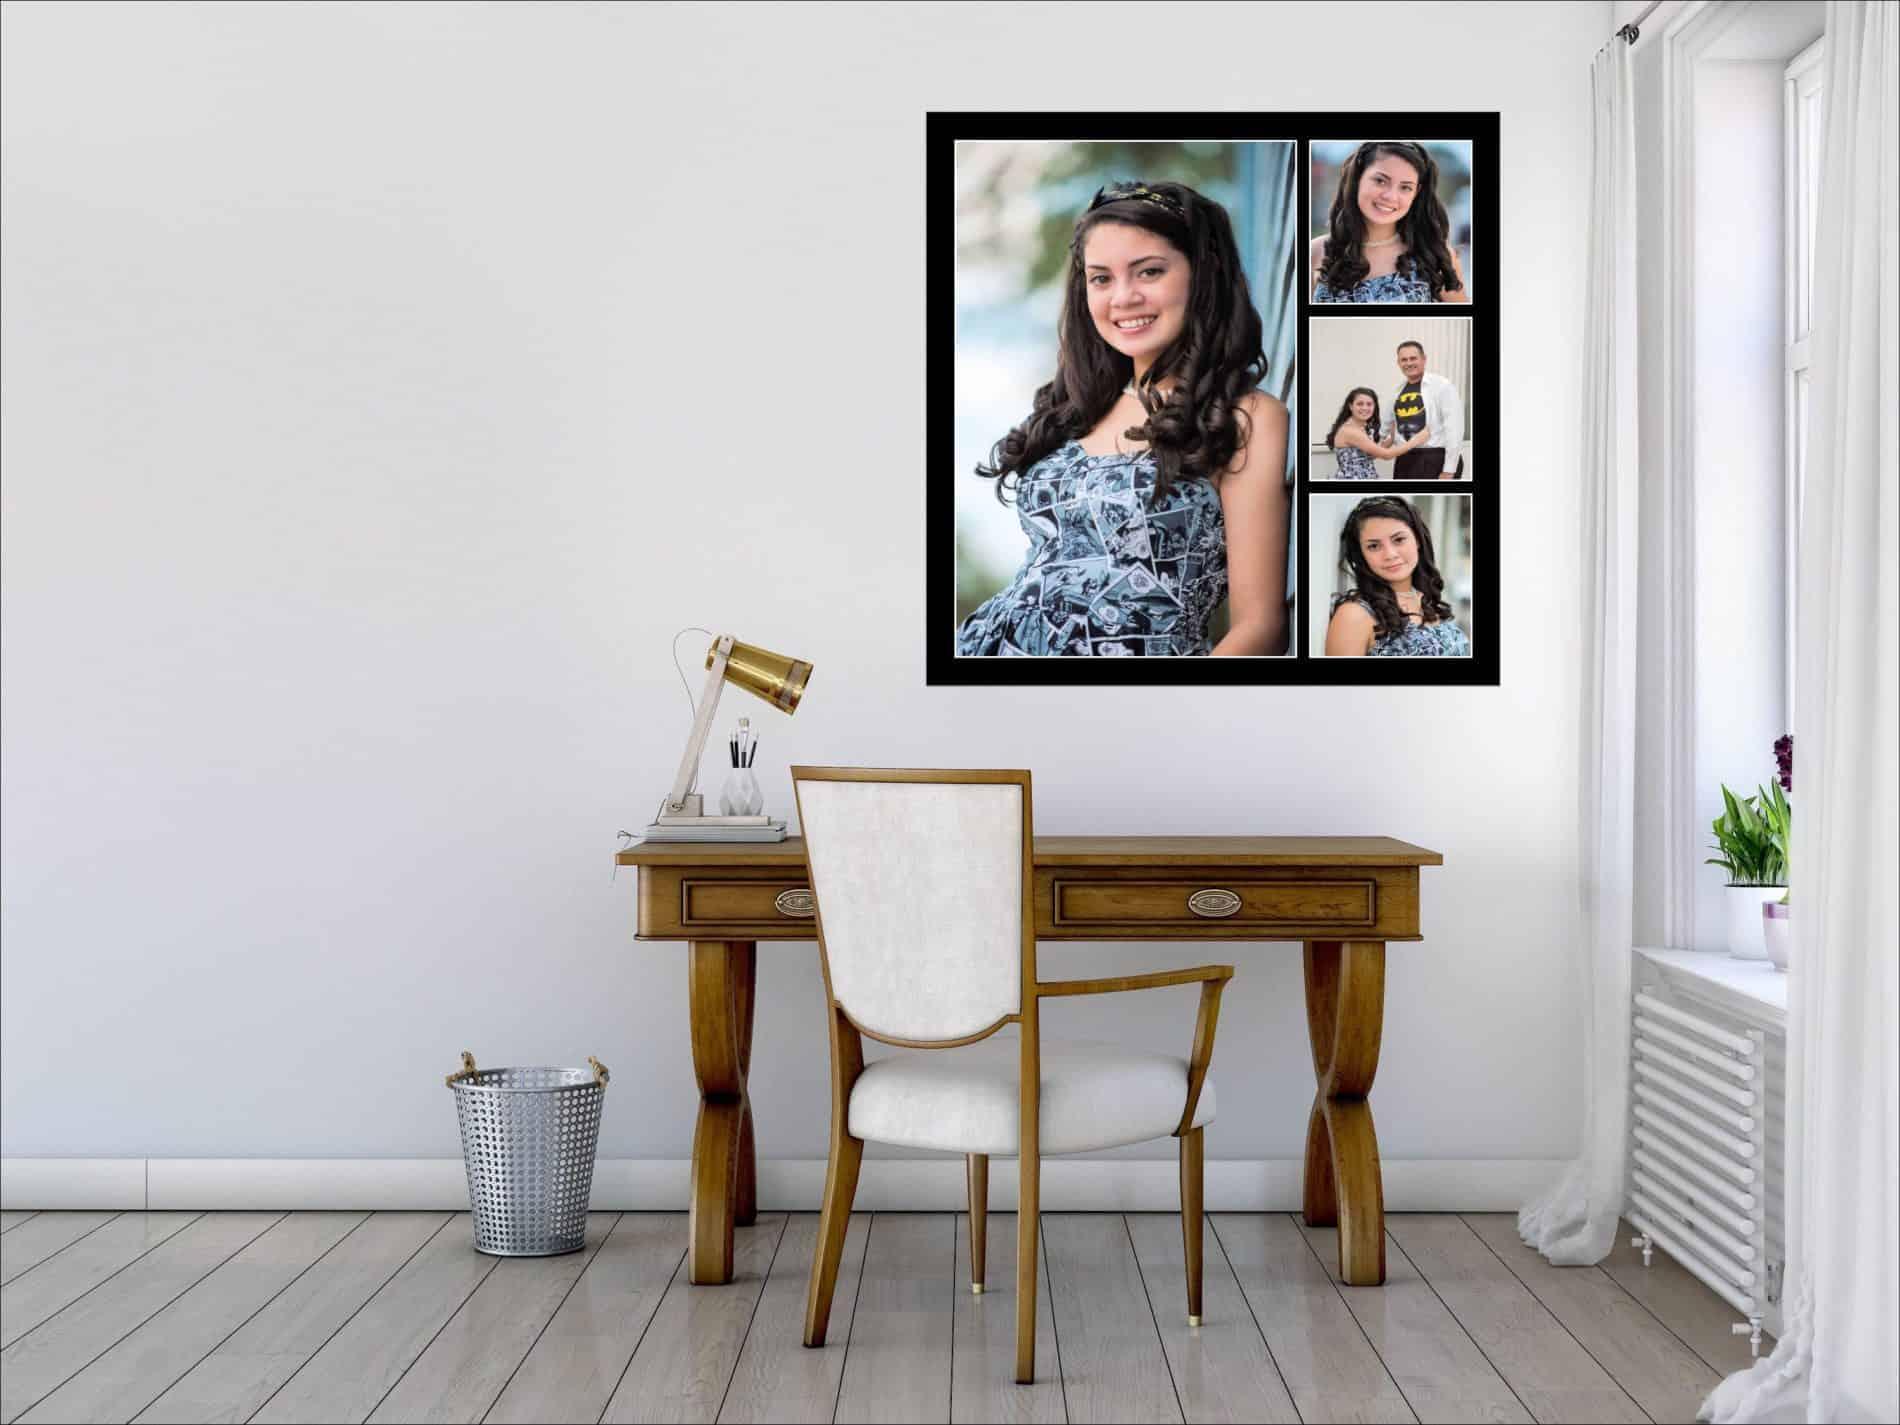 Graduation Photos on a Wall